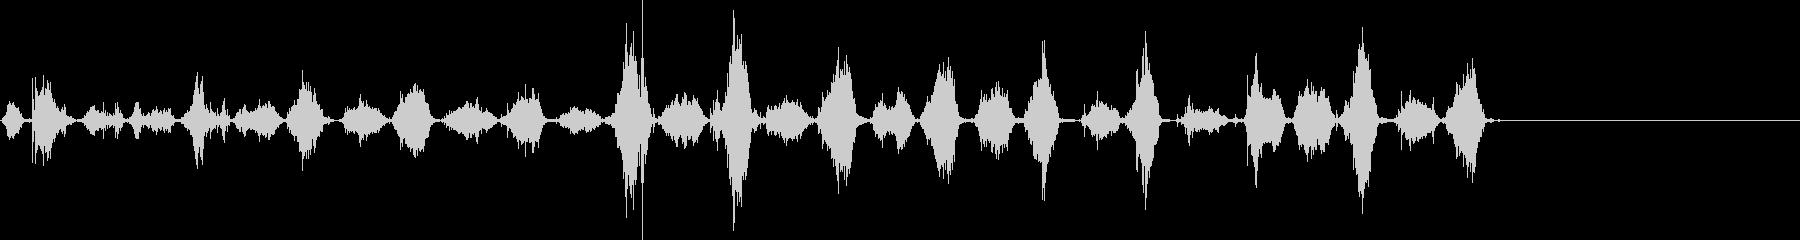 ソーイングボーン&フレッシュ4の未再生の波形